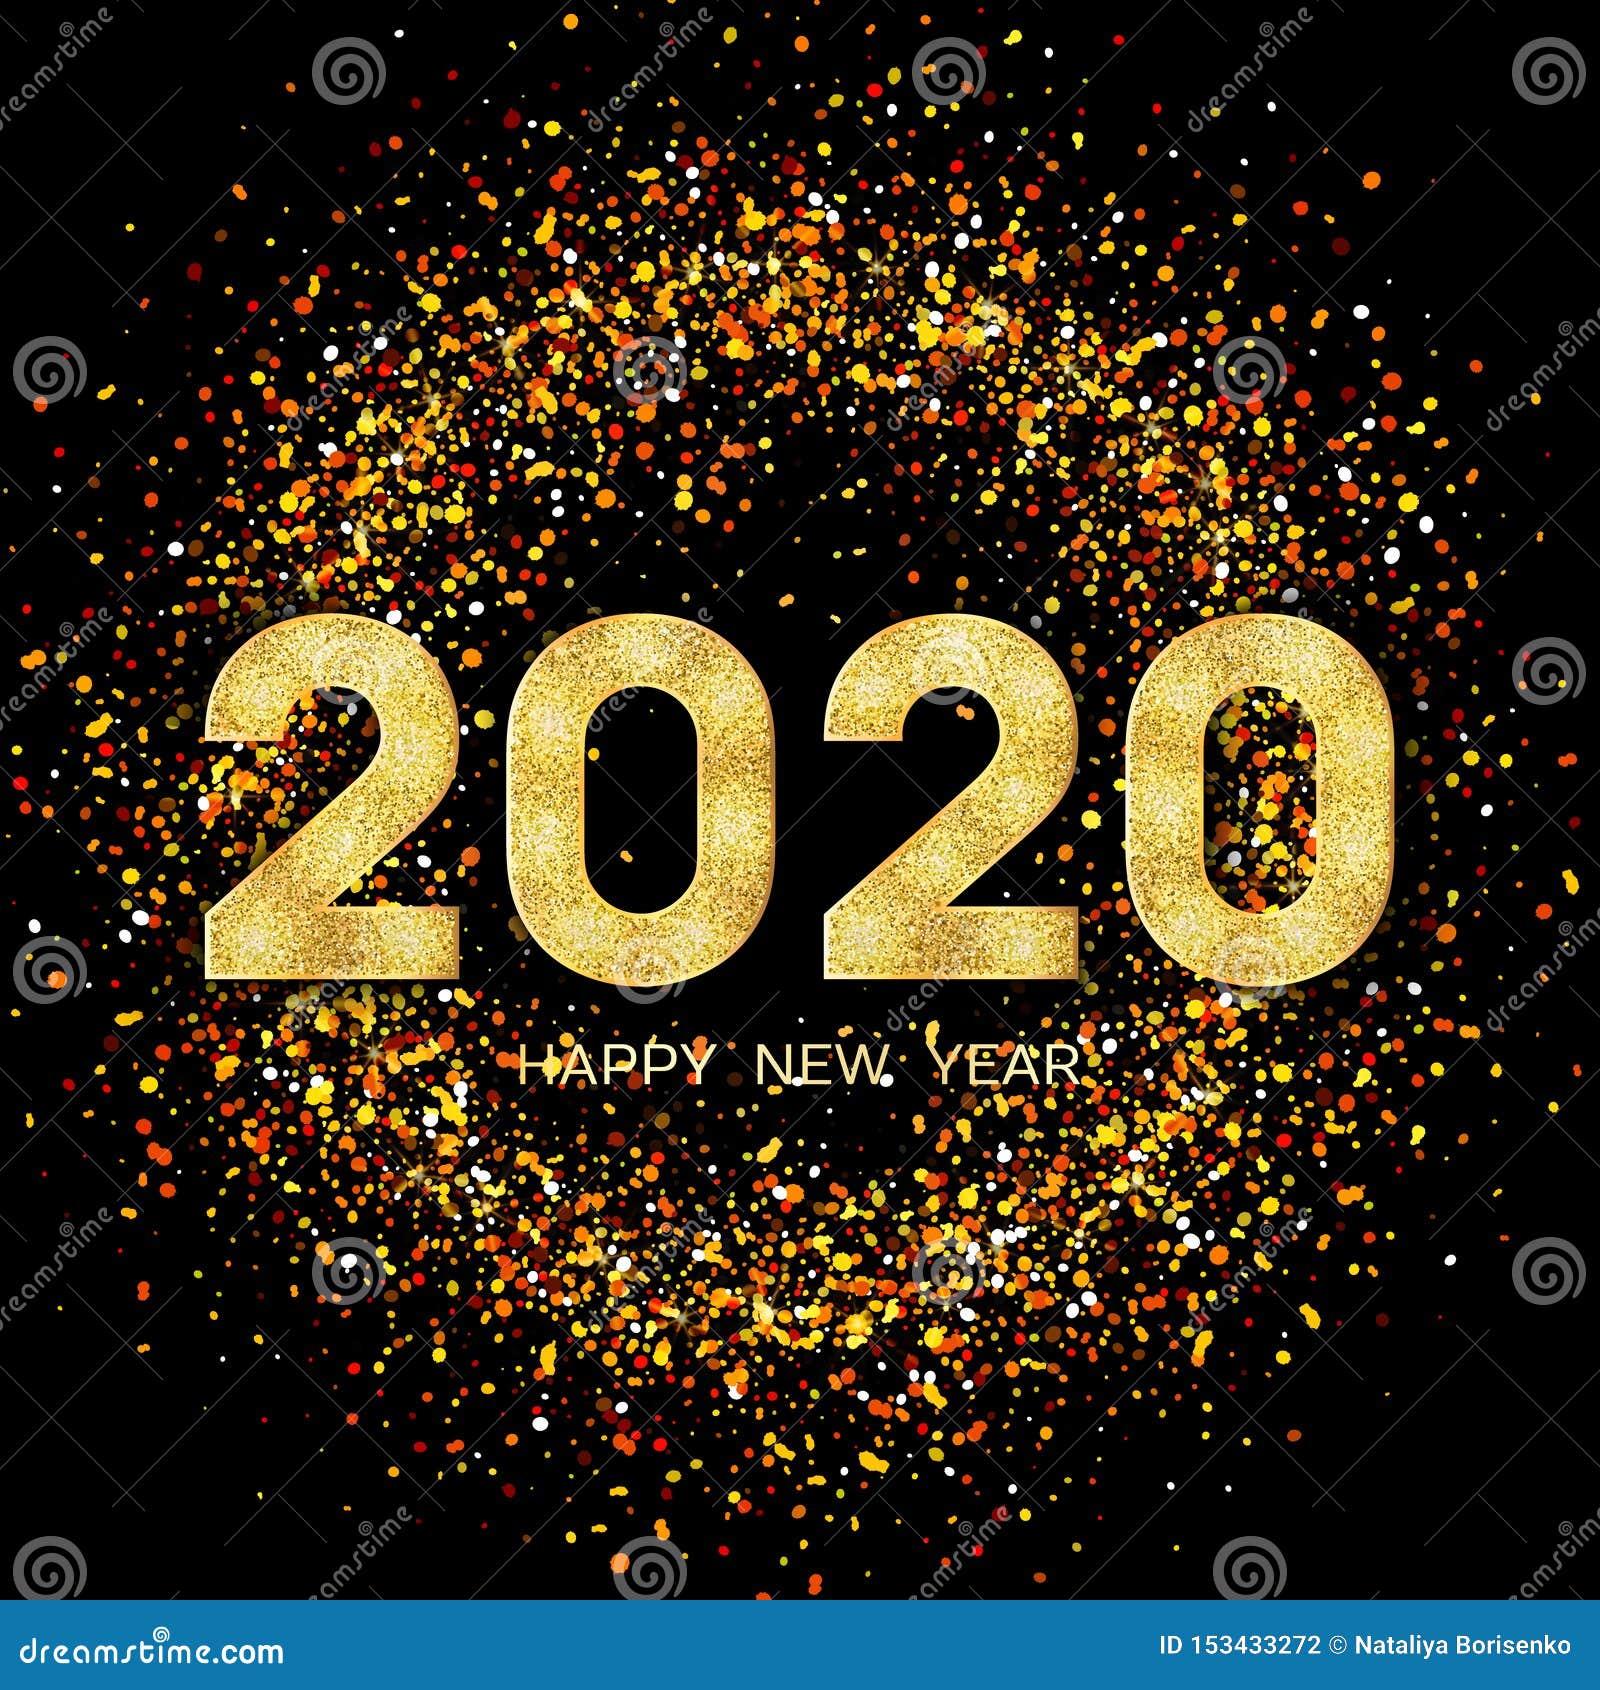 carte de voeux nouvel an 2020 2020 Bonnes Ann?es Carte De Voeux 2020 De Nouvelle Ann?e Fond Avec